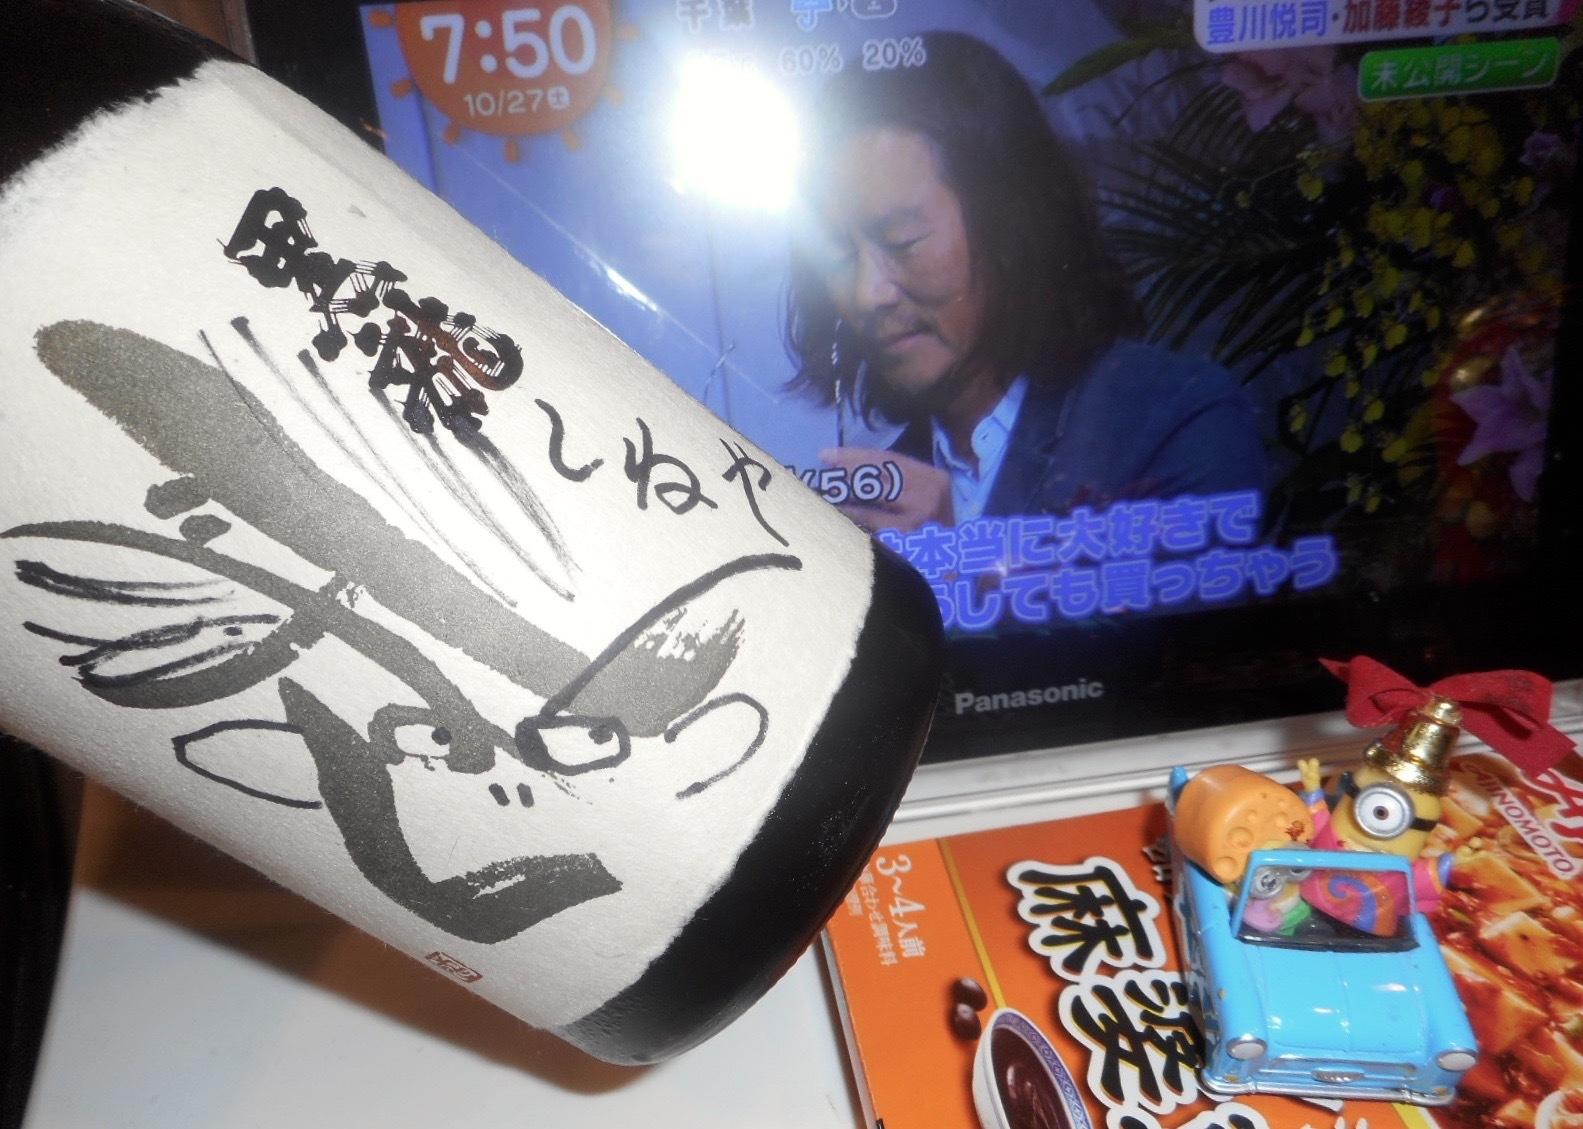 kokuryu_shizuku29by4.jpg